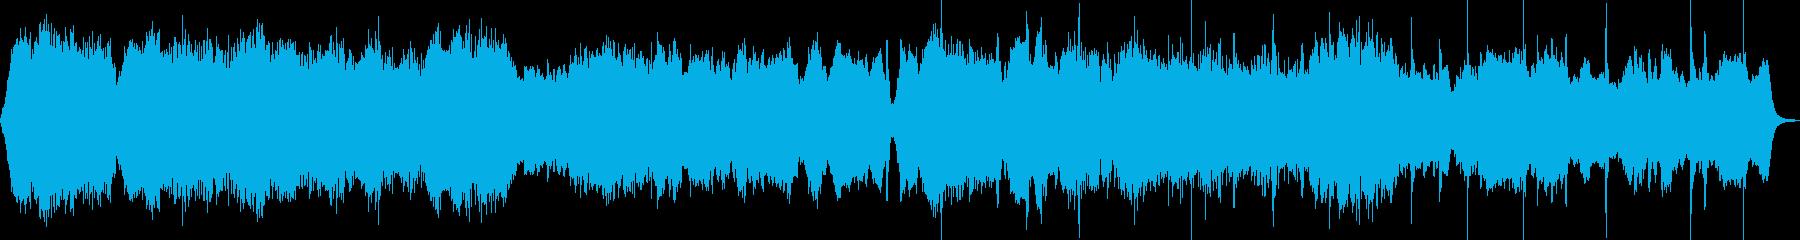 オーケストラ楽器の再生済みの波形